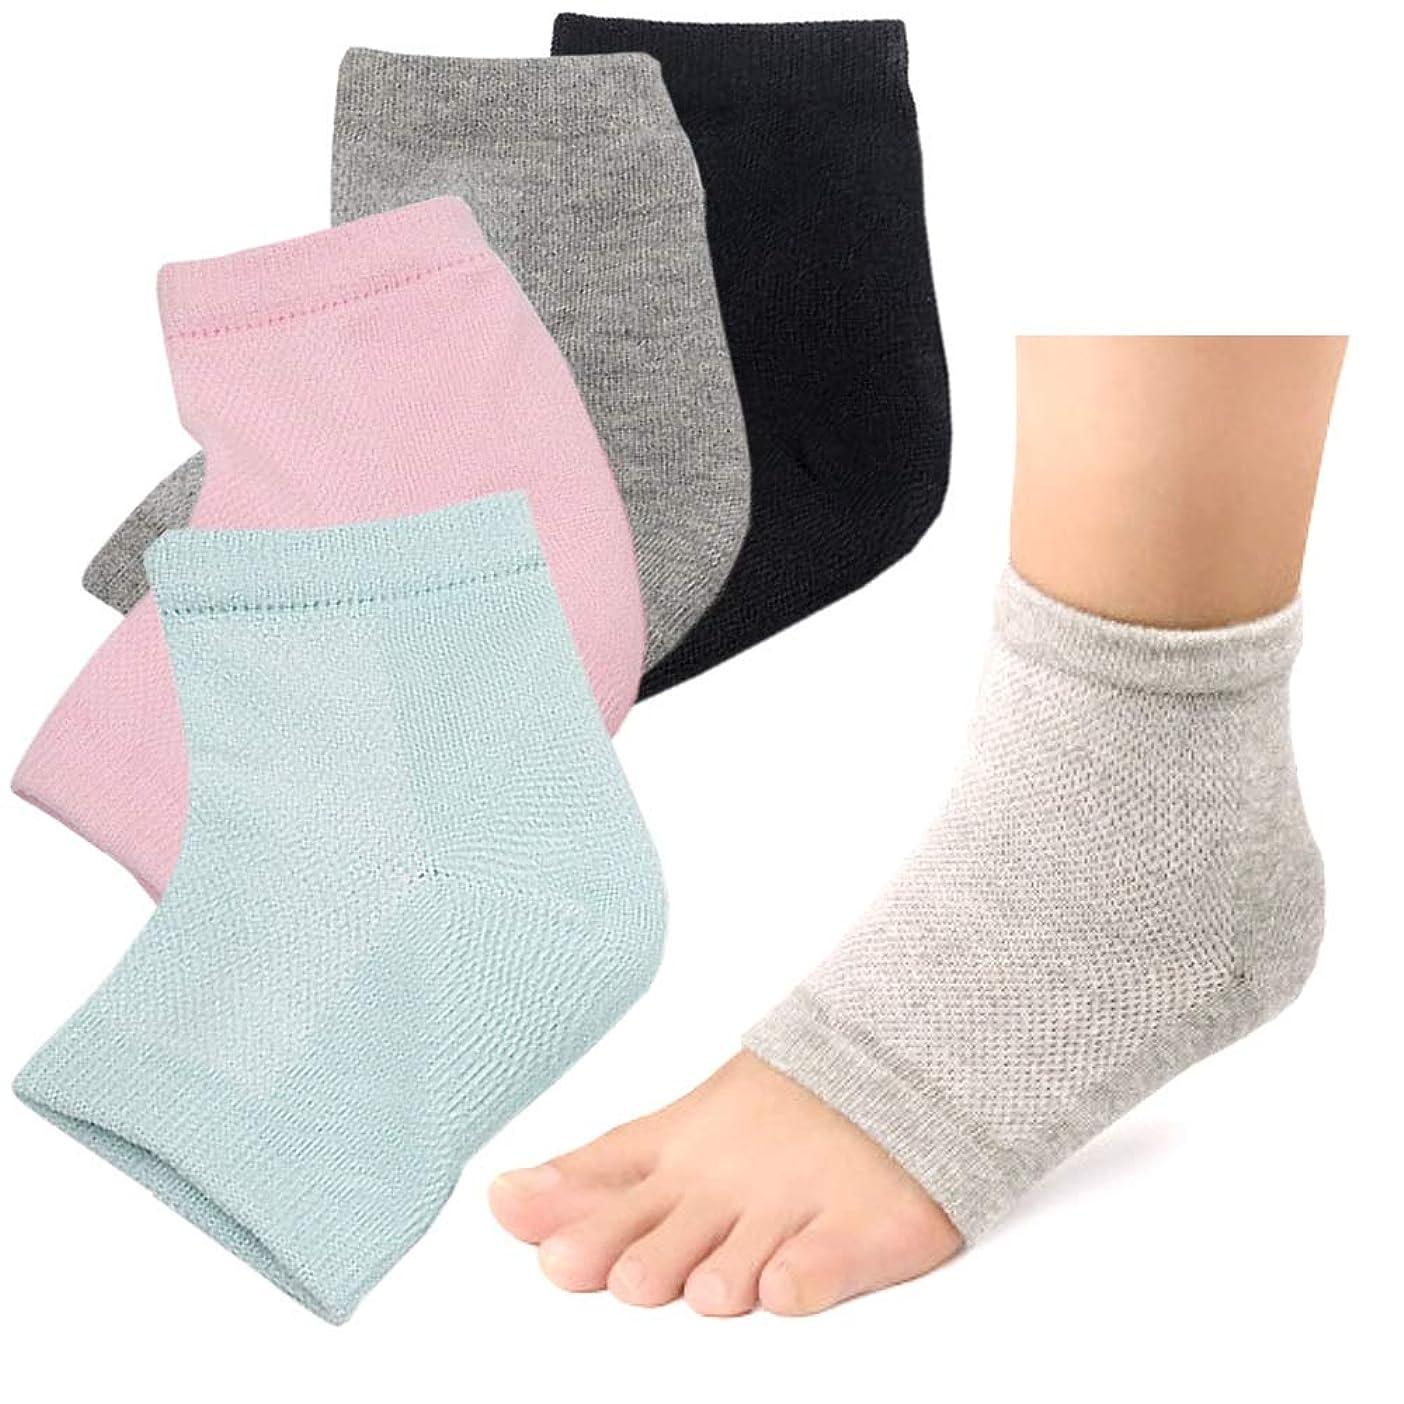 令状踏み台閉塞かかと 靴下 ソックス つるつる 2足セット かかとケア かかとサポーター ひび割れ対策 角質ケア (ピンク/グリーン)